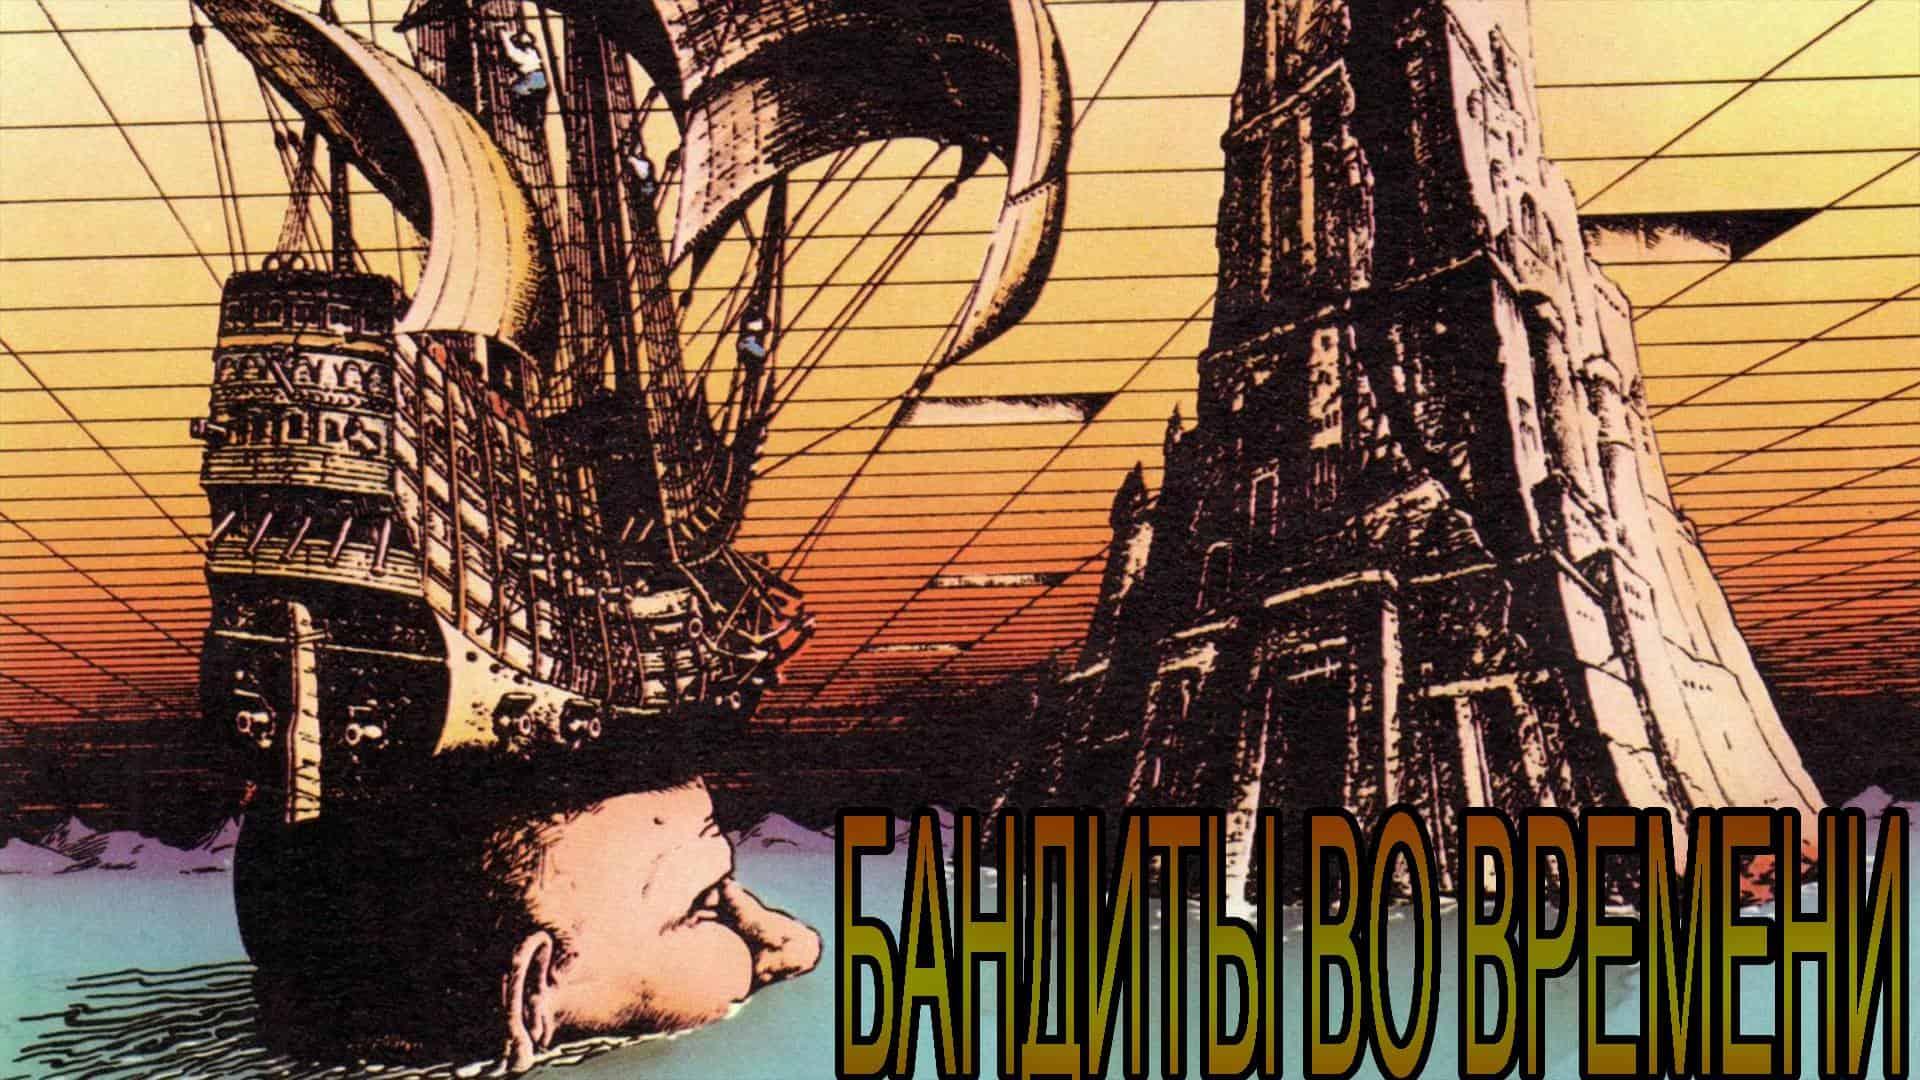 программа TV XXI: Бандиты во времени